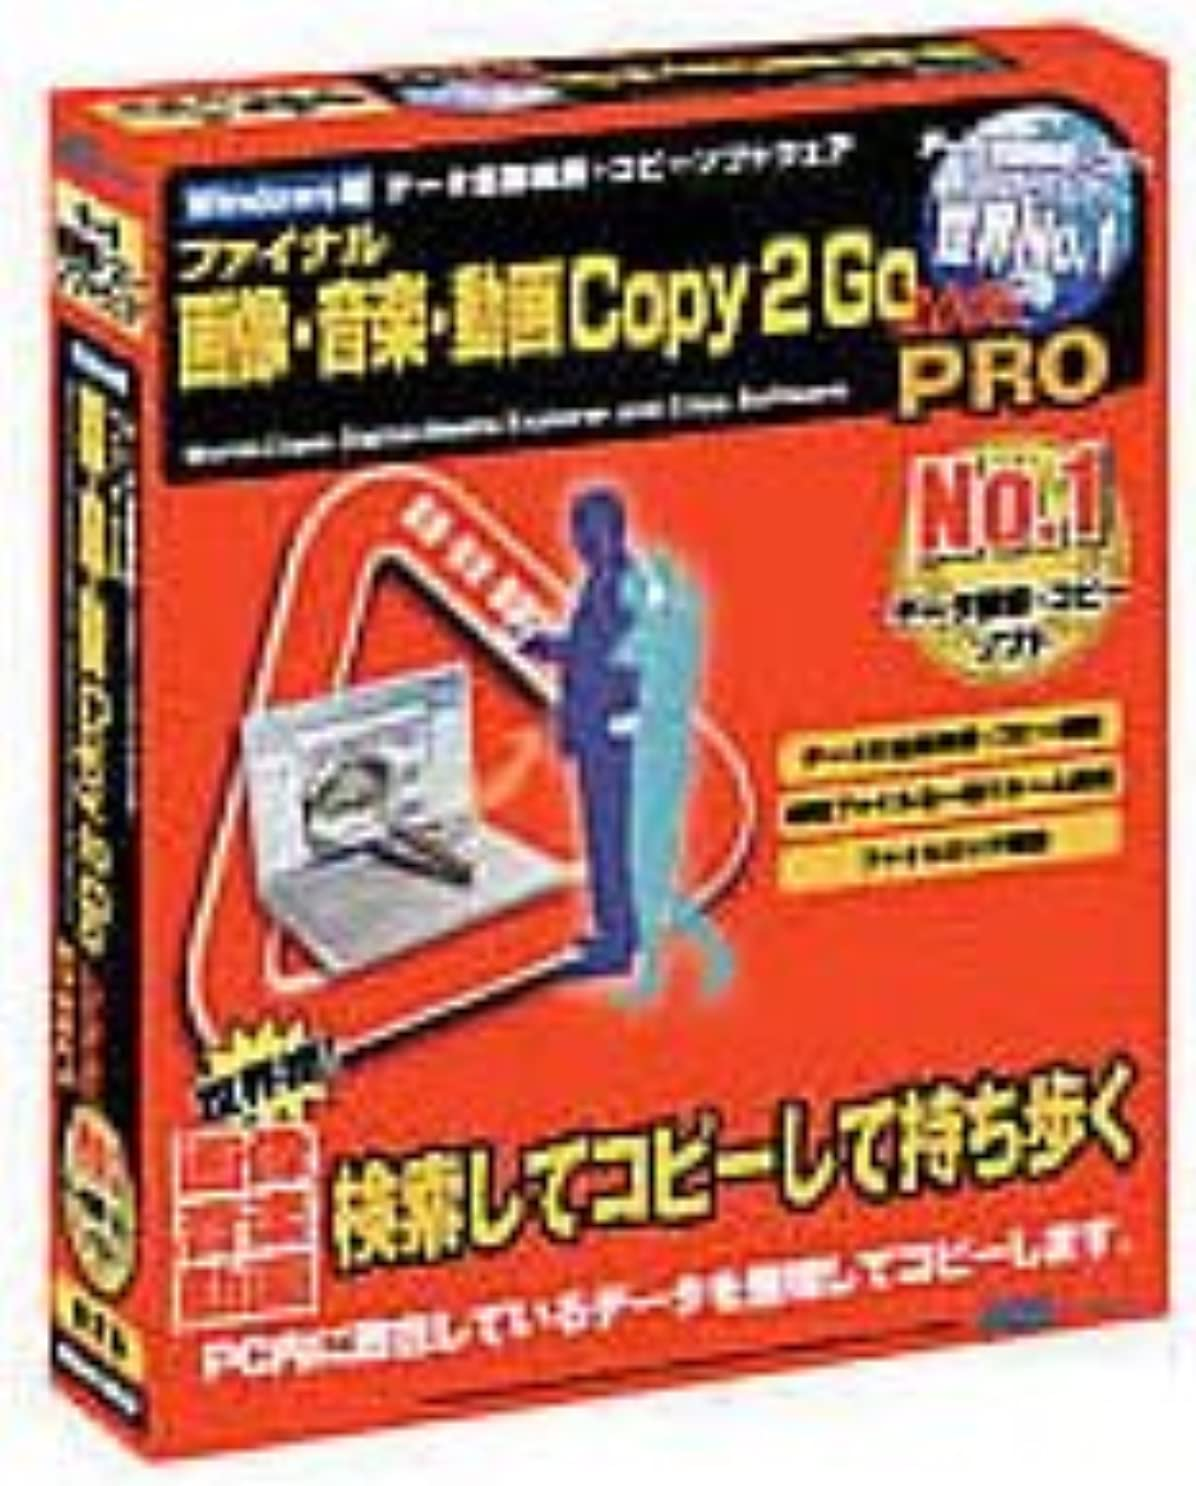 スクラップマイクロバンジージャンプファイナル画像?音楽?動画 Copy2Go 2006 PRO